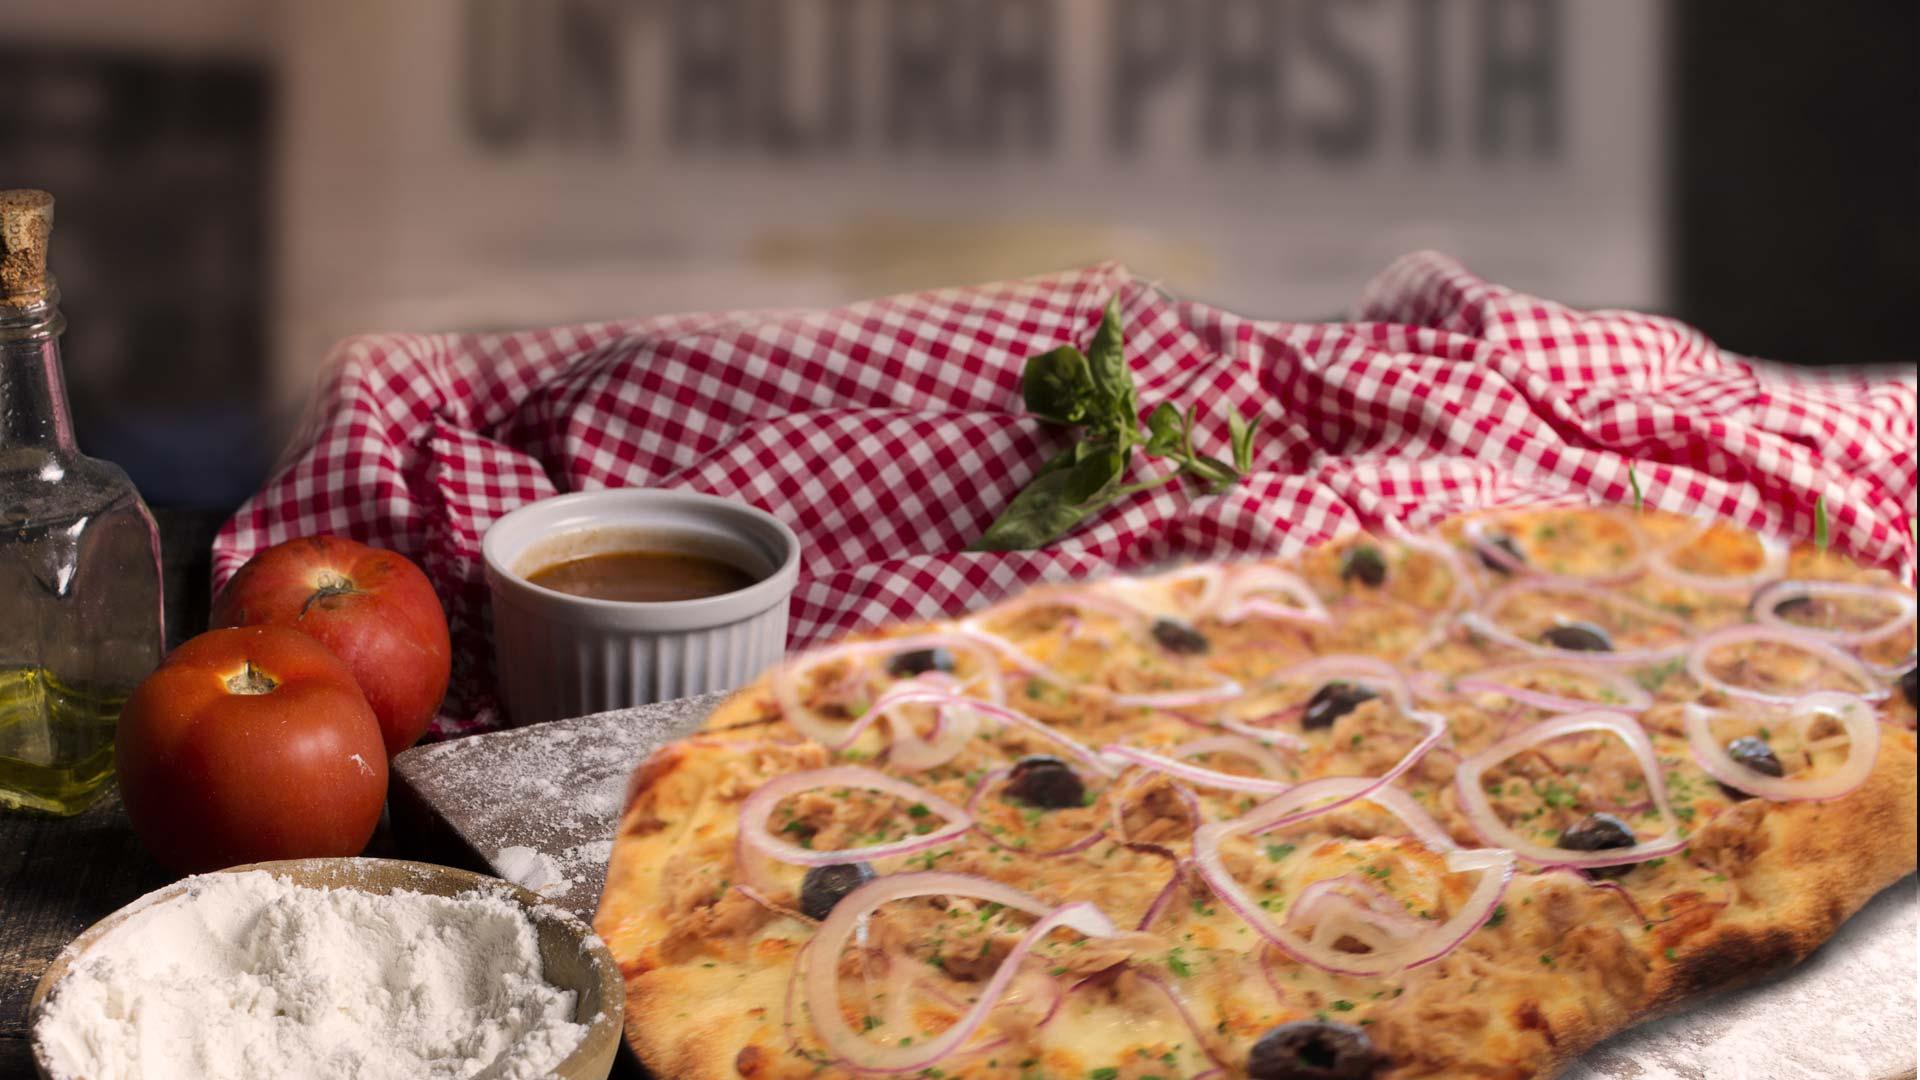 Un-Altra-Pasta-fragranza-gusto-digeribilita-la-pinsa-romana2